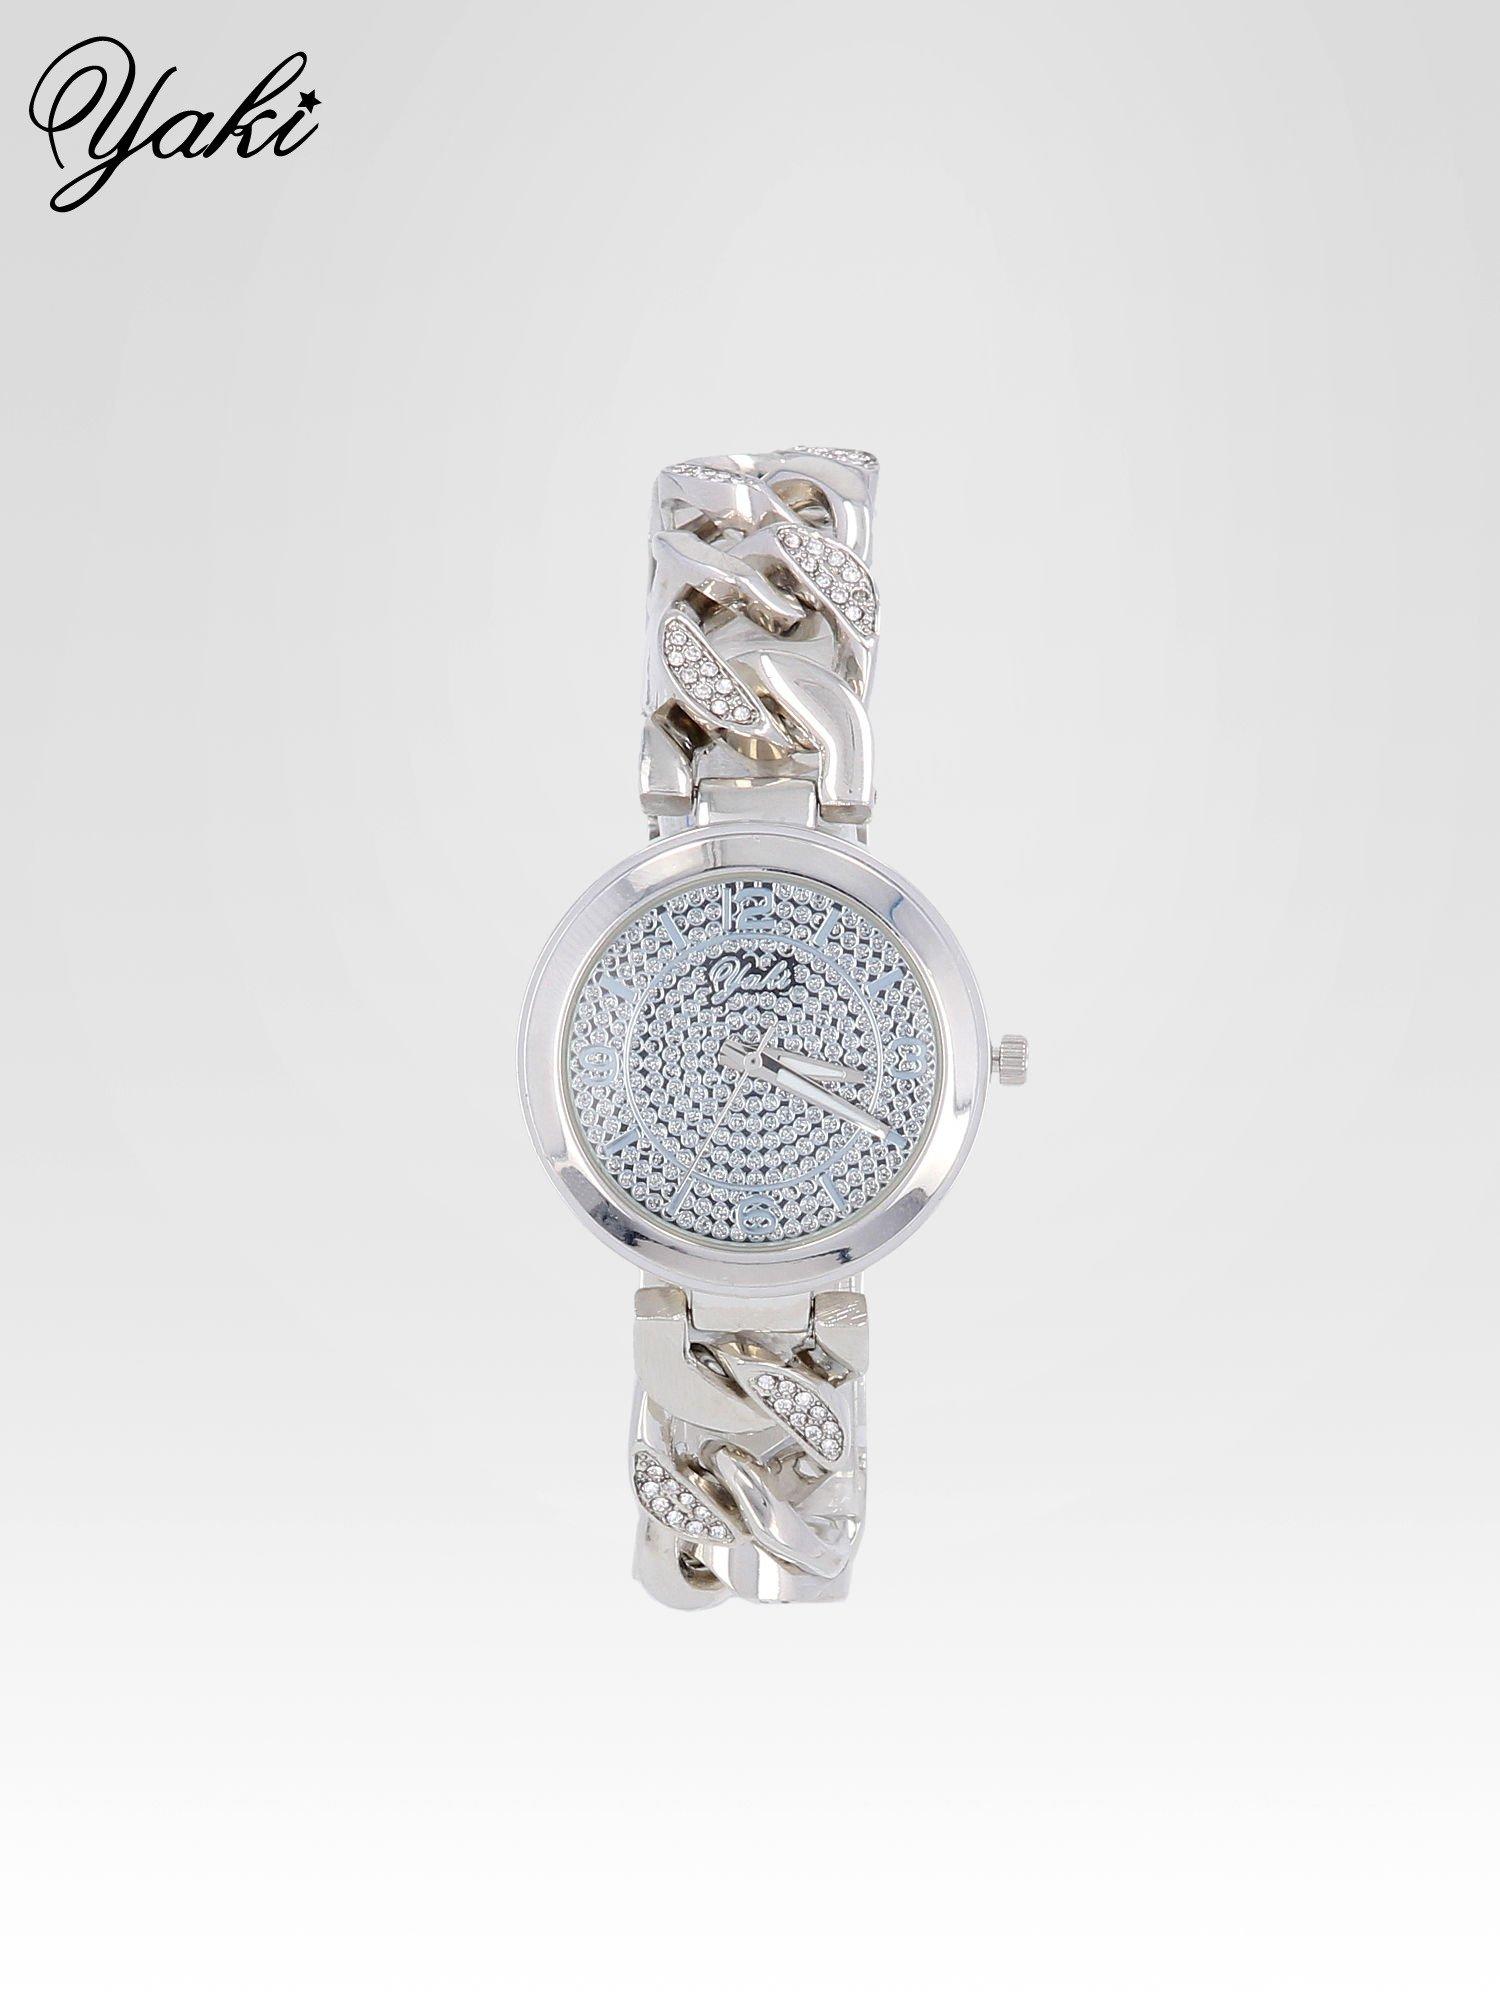 Bizuteryjny zegarek na bansolecie z cyrkoniami ze srebra                                  zdj.                                  1